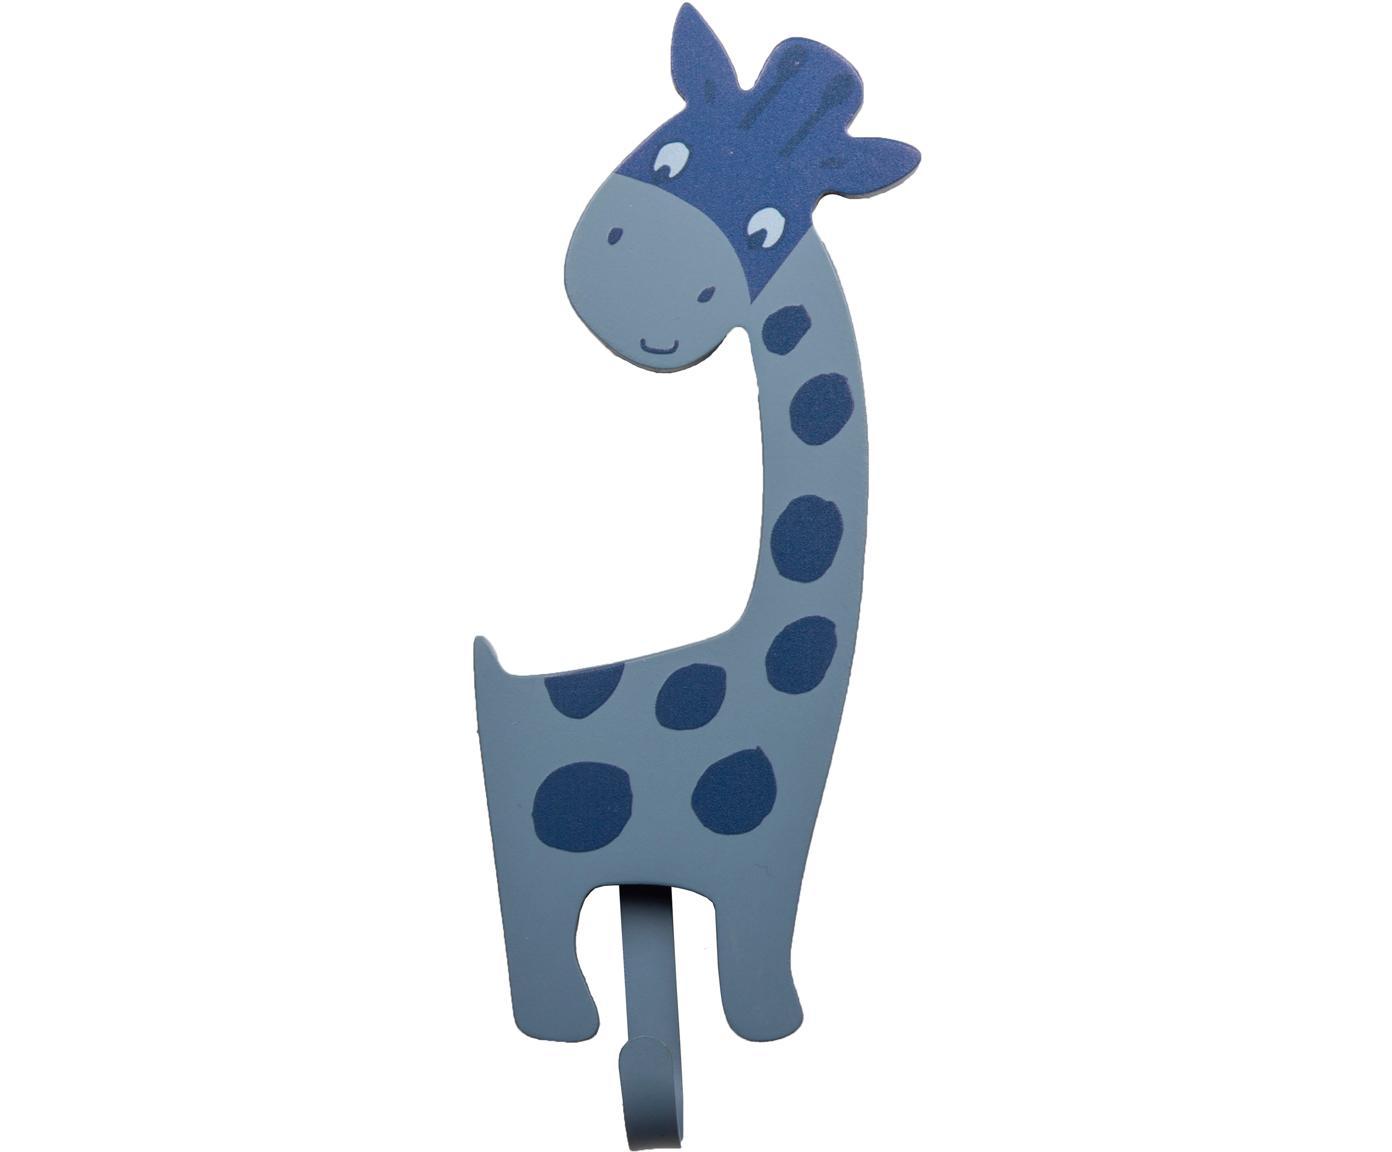 Ganchos de pared Giraffa, Tablero de fibras de densidad media (MDF), metal, Azul, An 9 x Al 23 cm